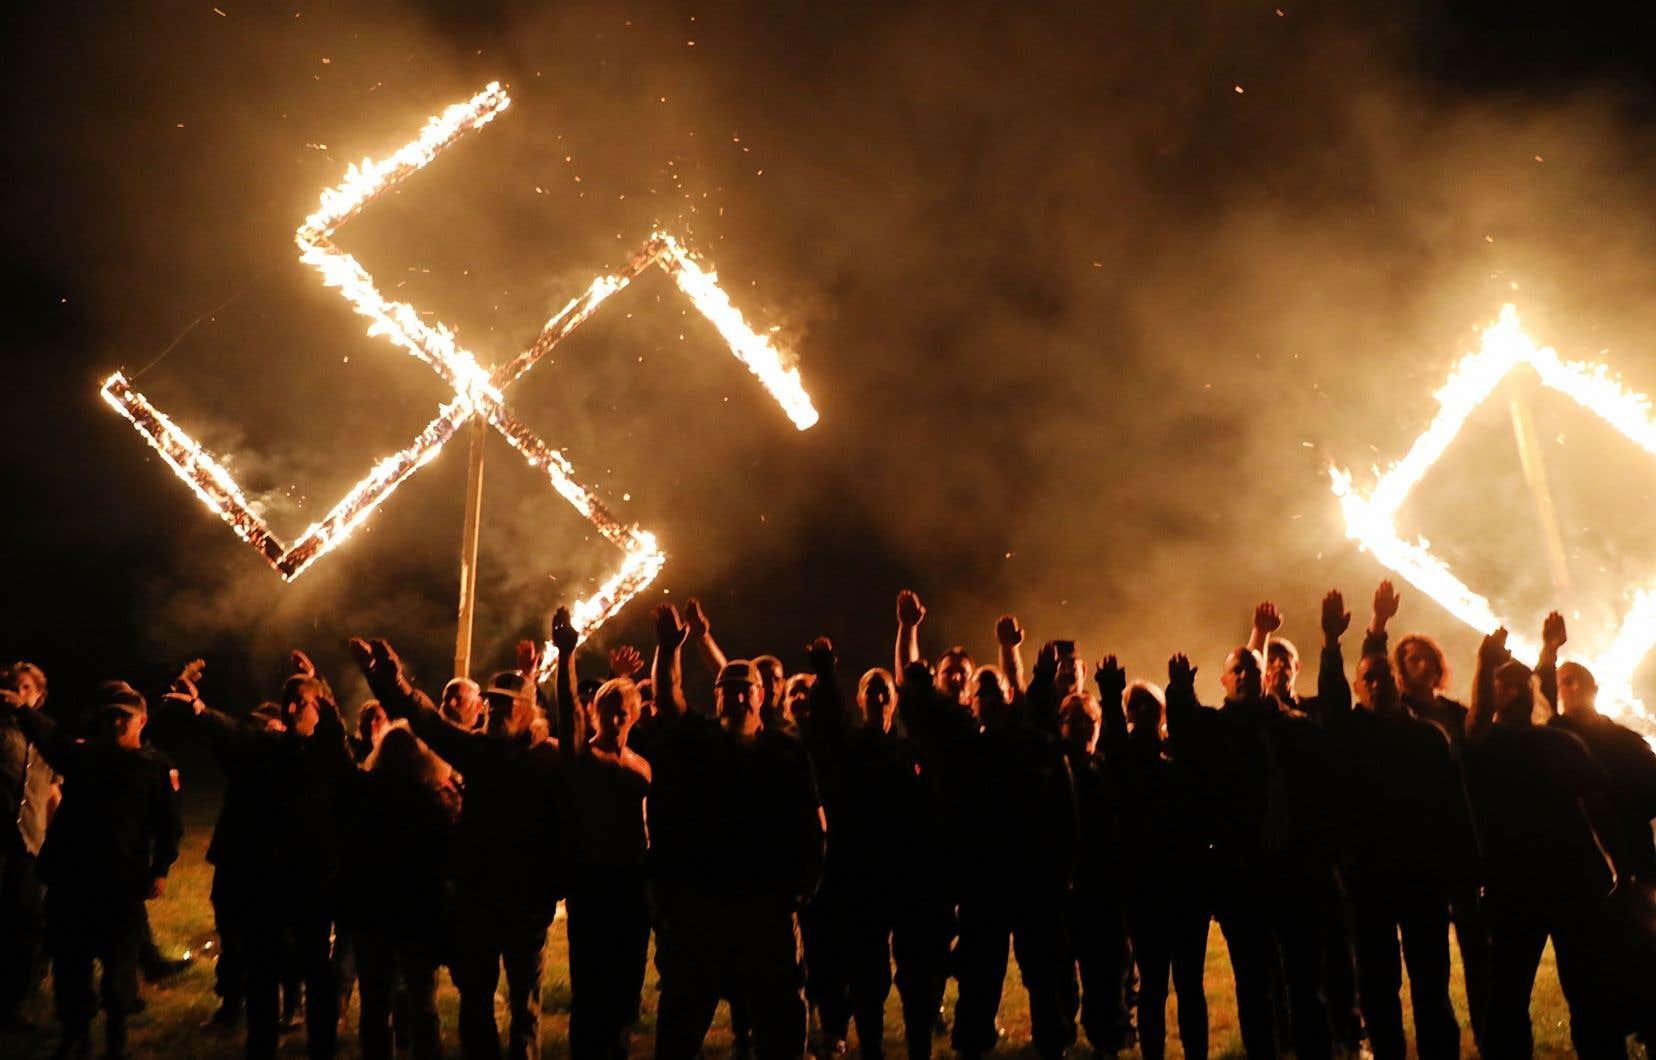 Les groupes néonazis émaillent la mouvance de droite qui pimente vigoureusement l'actualité un peu partout à travers le monde.